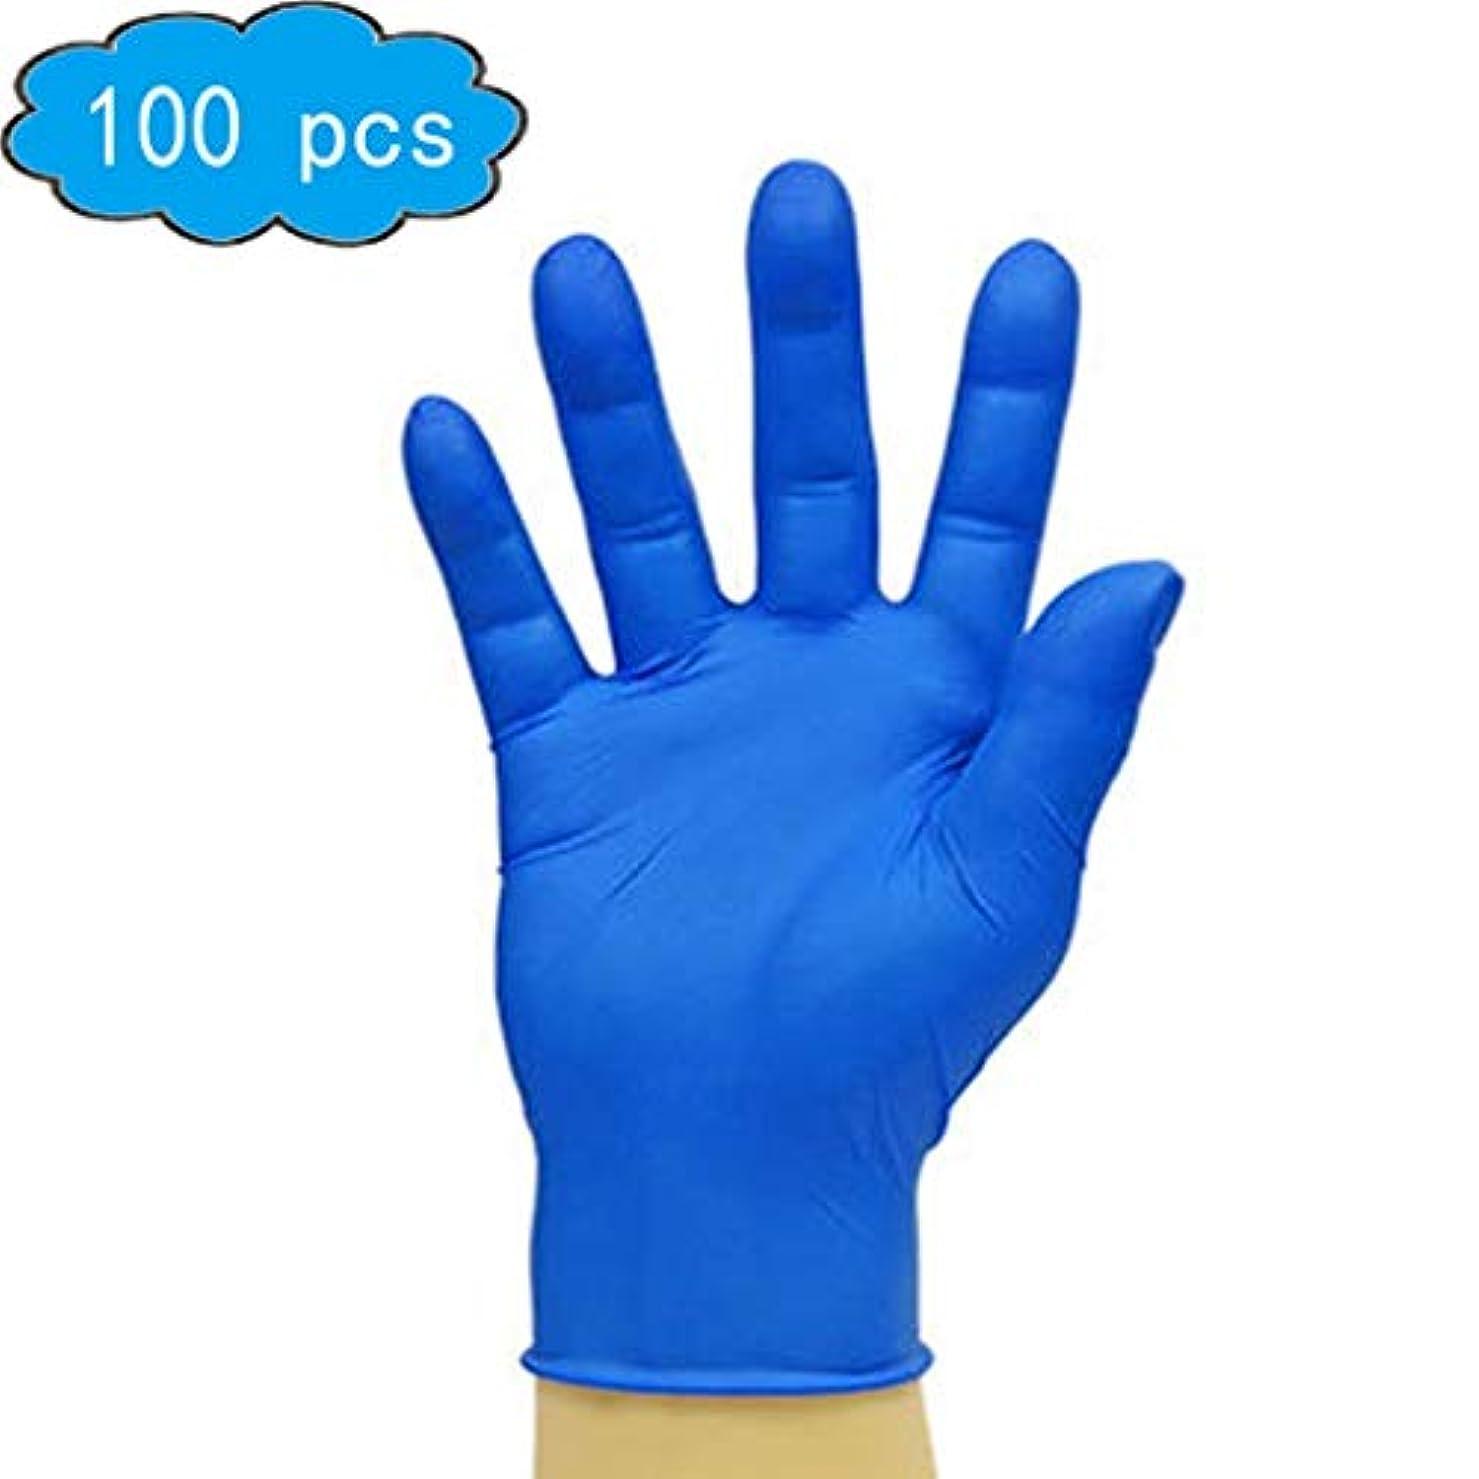 遠近法不幸安全でない使い捨てニトリル手袋、肥厚、ダークブルー、5ミル、ブルー、サイズL、パックあたり100 (Color : Blue, Size : M)